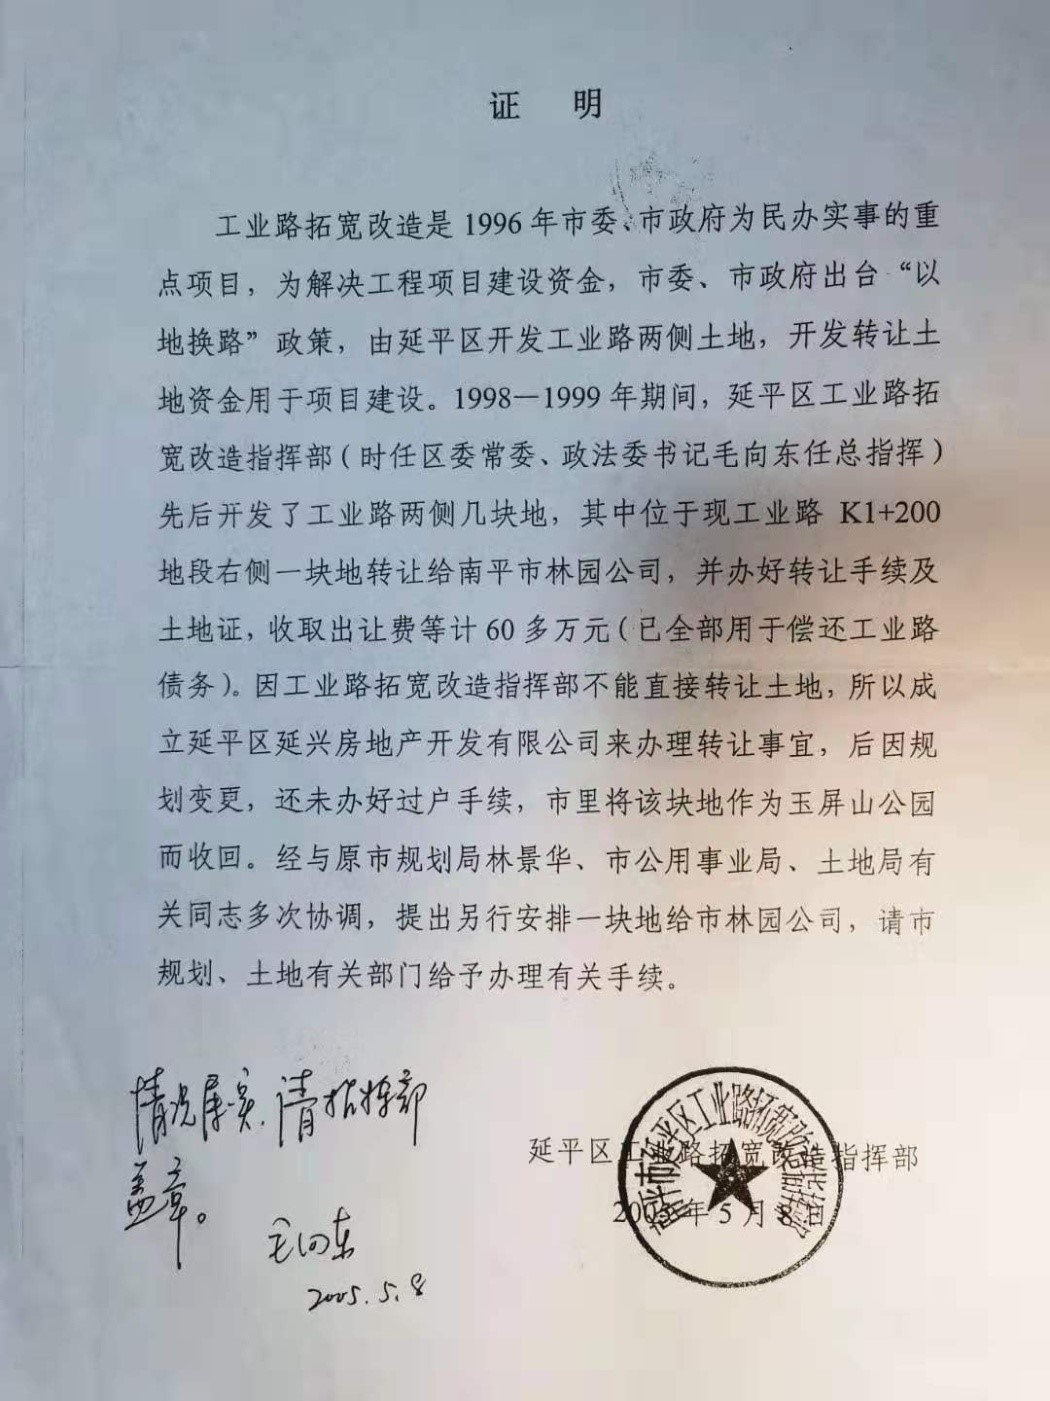 """徐子健方挑供的""""延平区工业路拓宽改造指挥部""""所出具的表明文件。"""